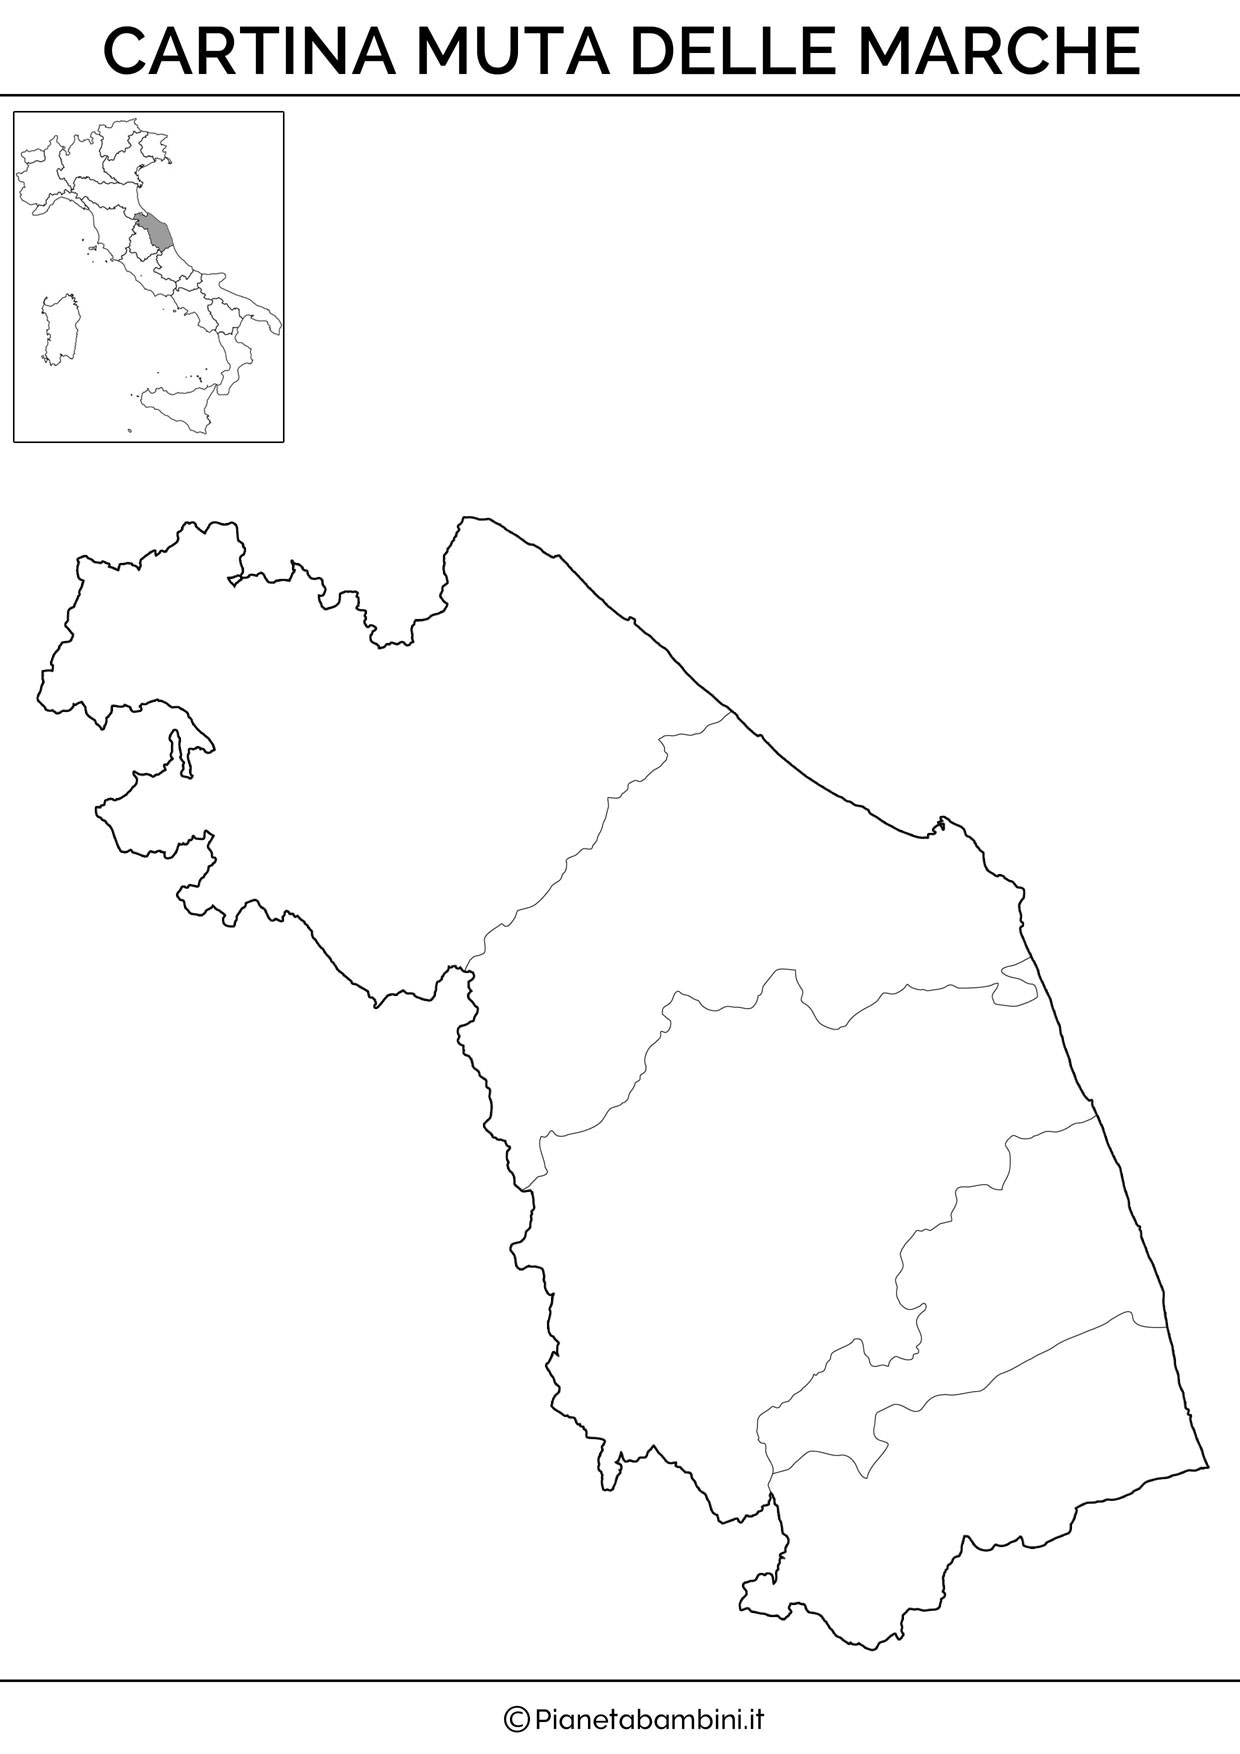 Cartina delle Marche in versione muta